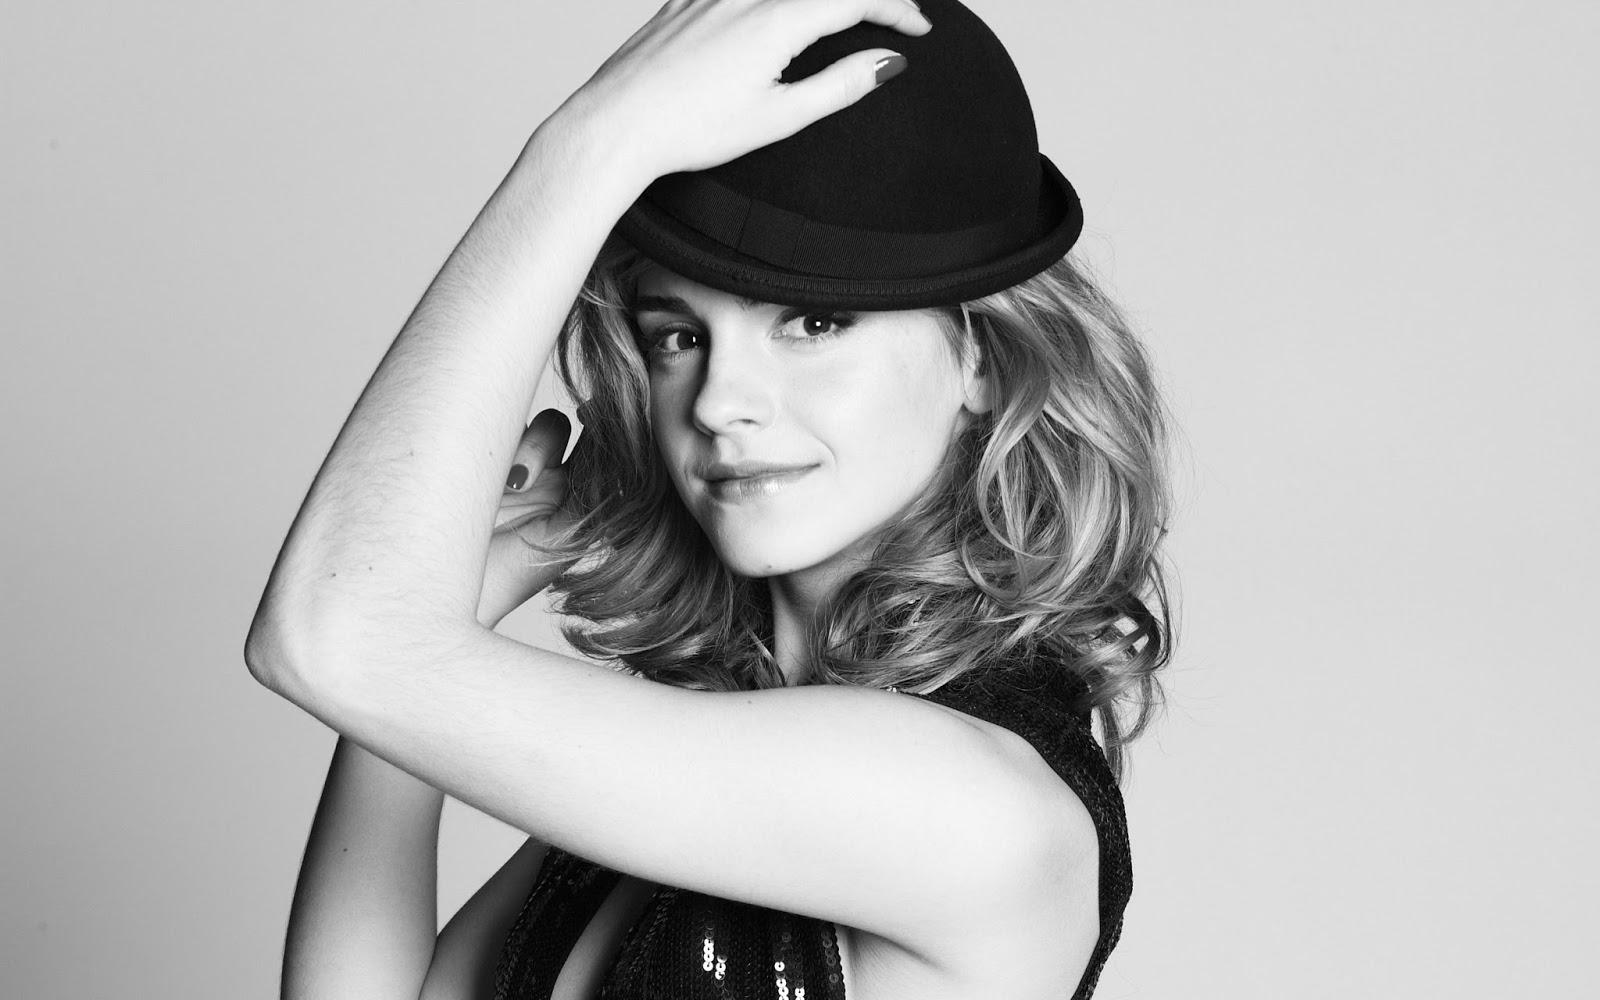 Emma Watson Black n White Pics HD